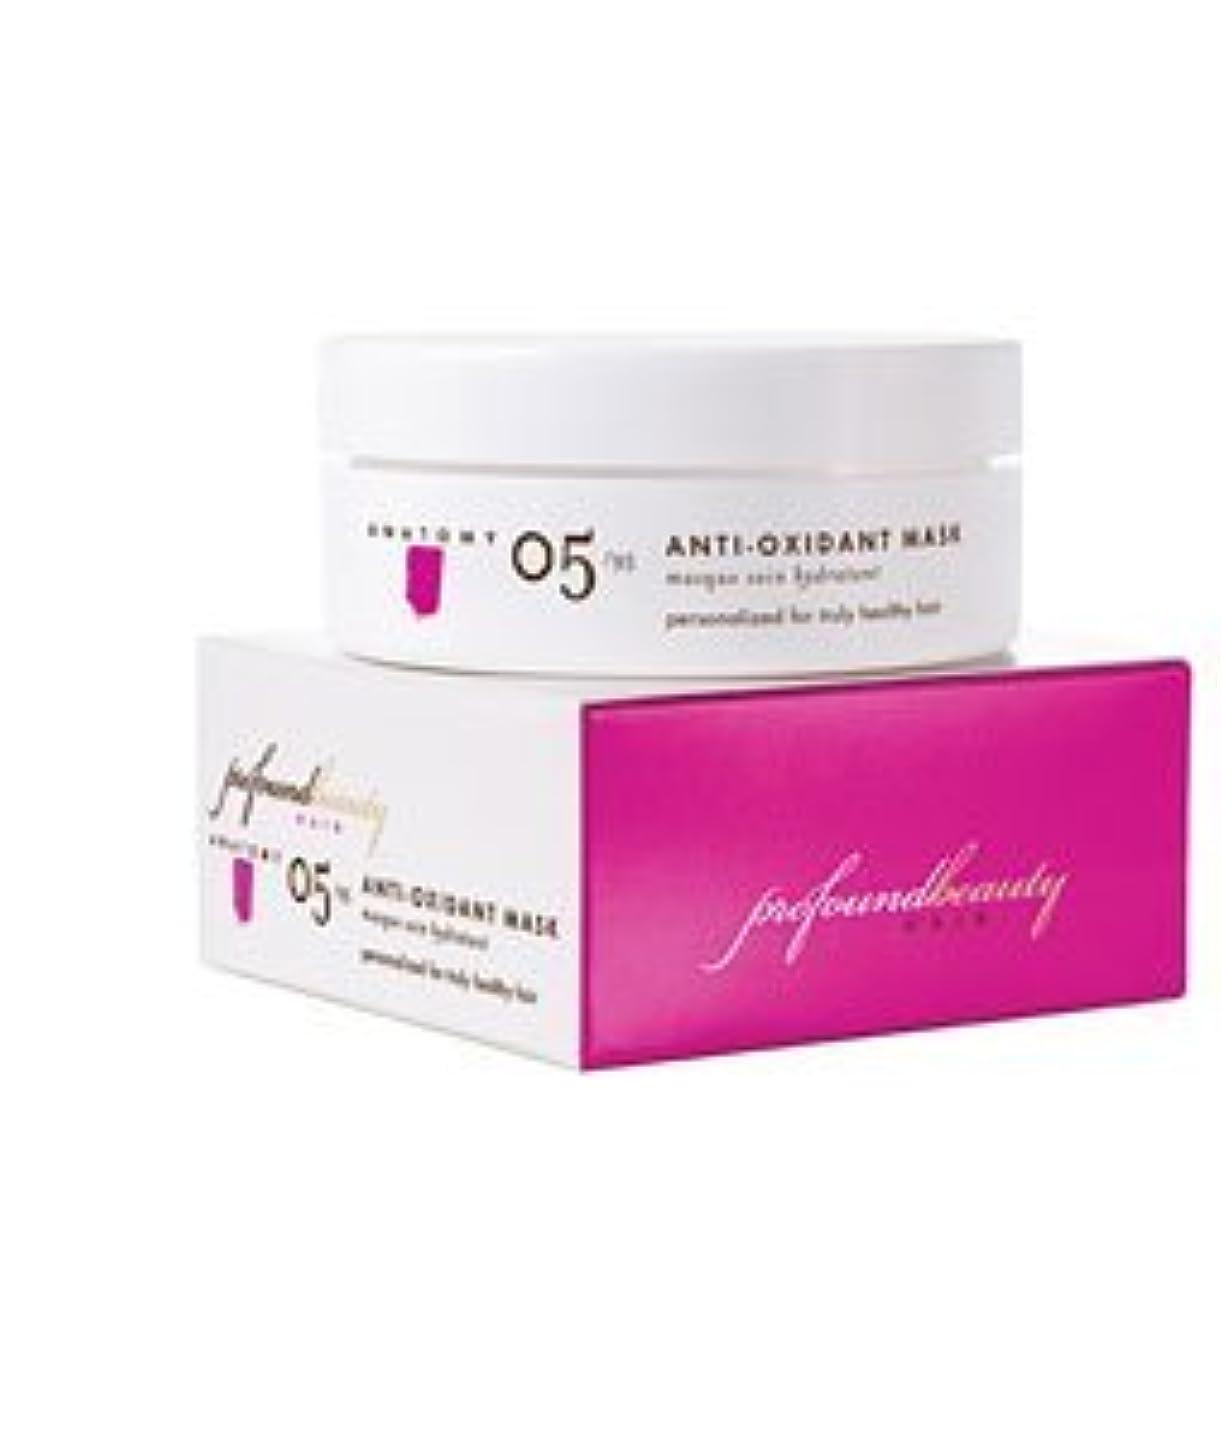 チャンス型つかの間Profound Beauty Hair 深遠な美し05/95抗酸化マスク、4オンス